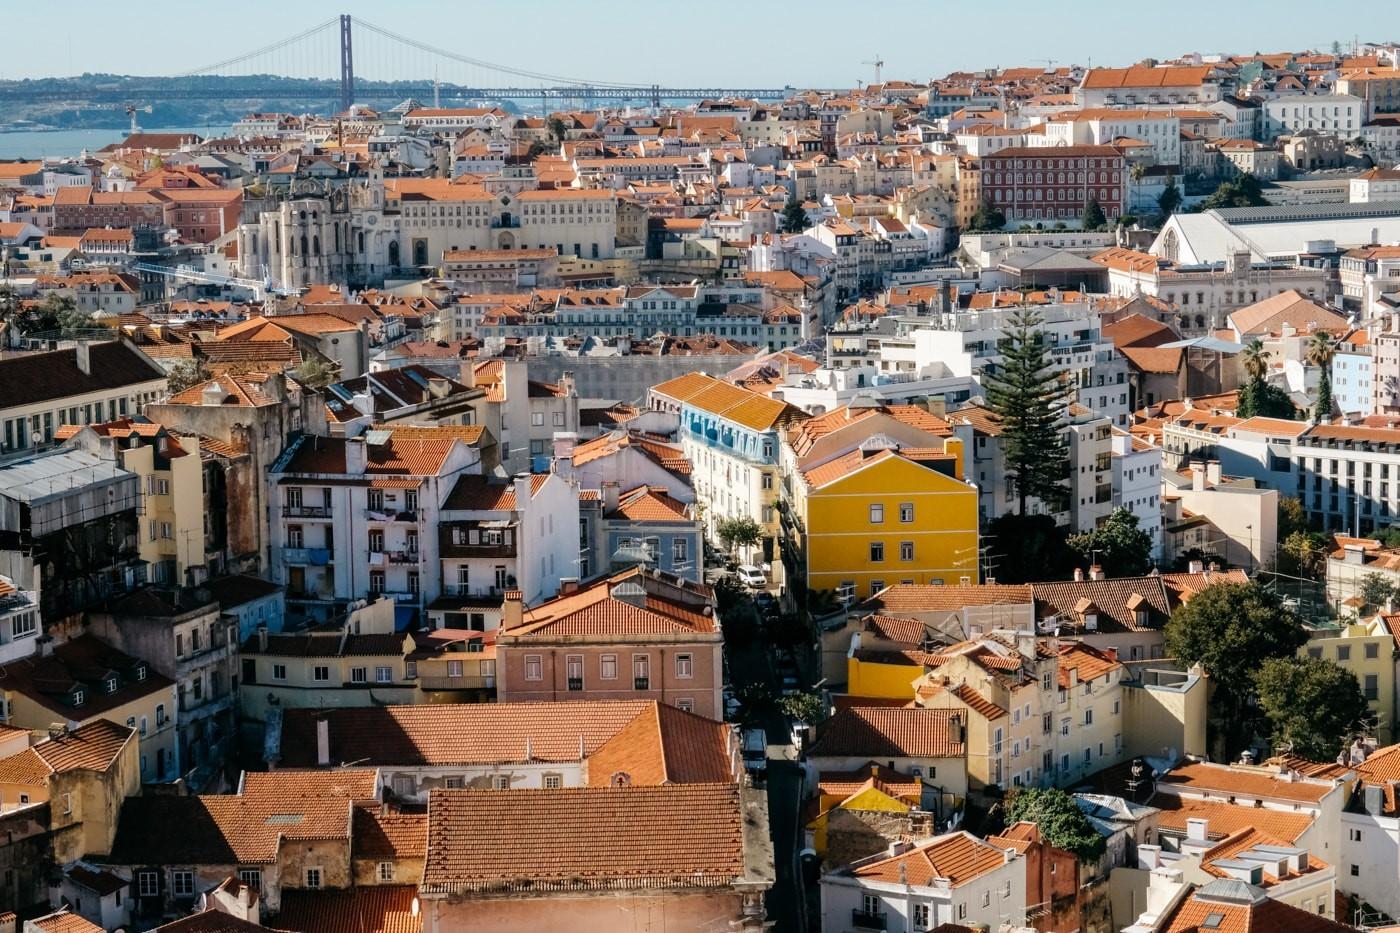 Nhu cầu thuê văn phòng/ nhà ởđang ngày một gia tăng tại Bồ Đào Nha